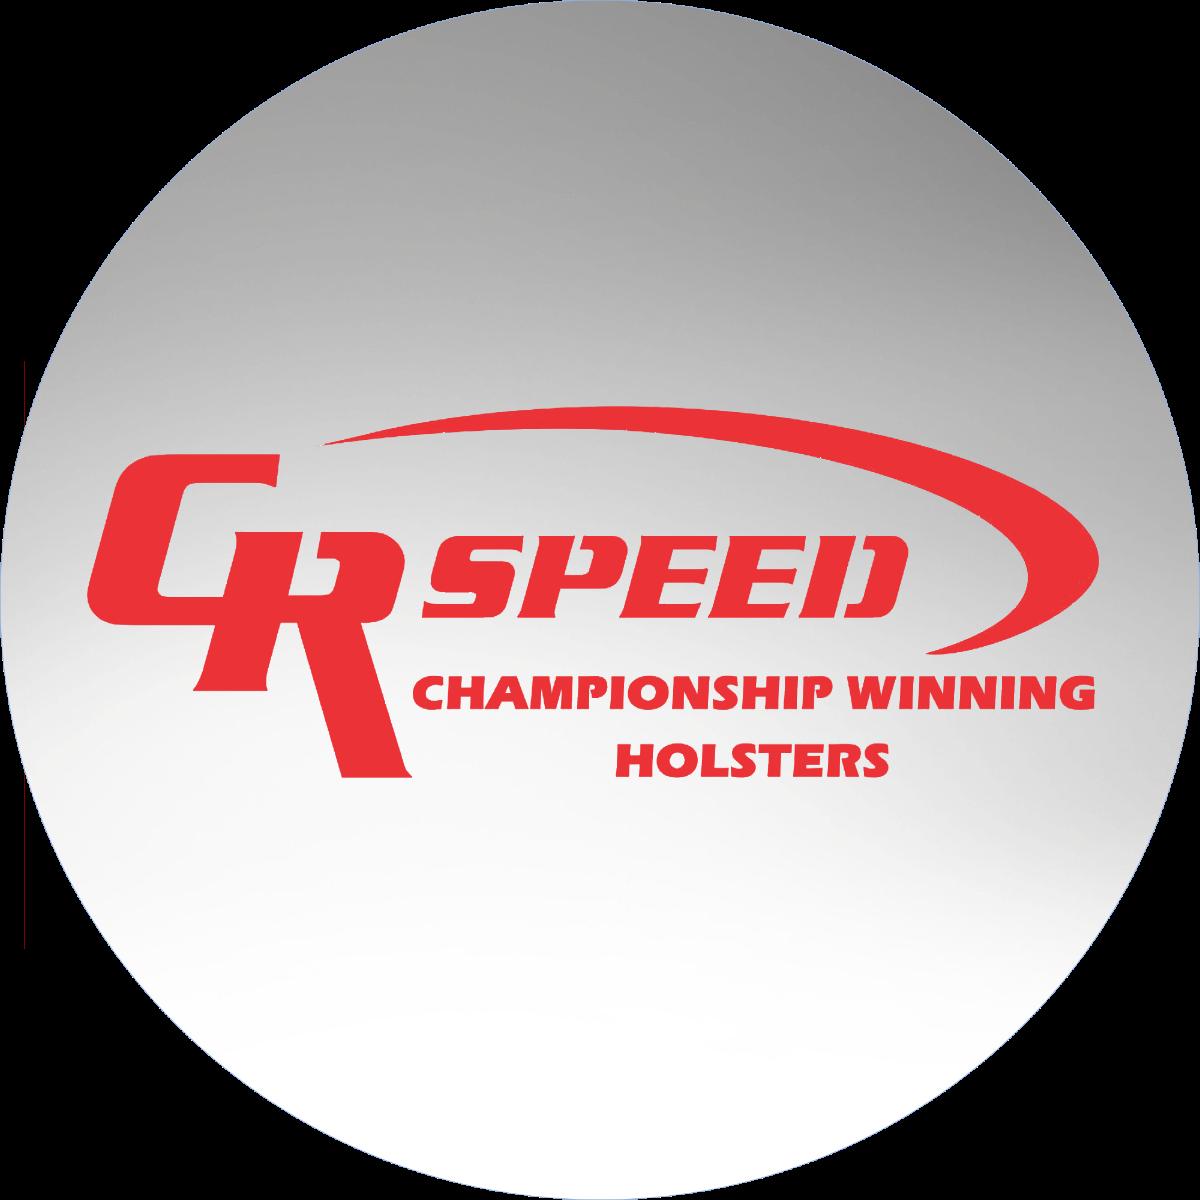 CR Speed